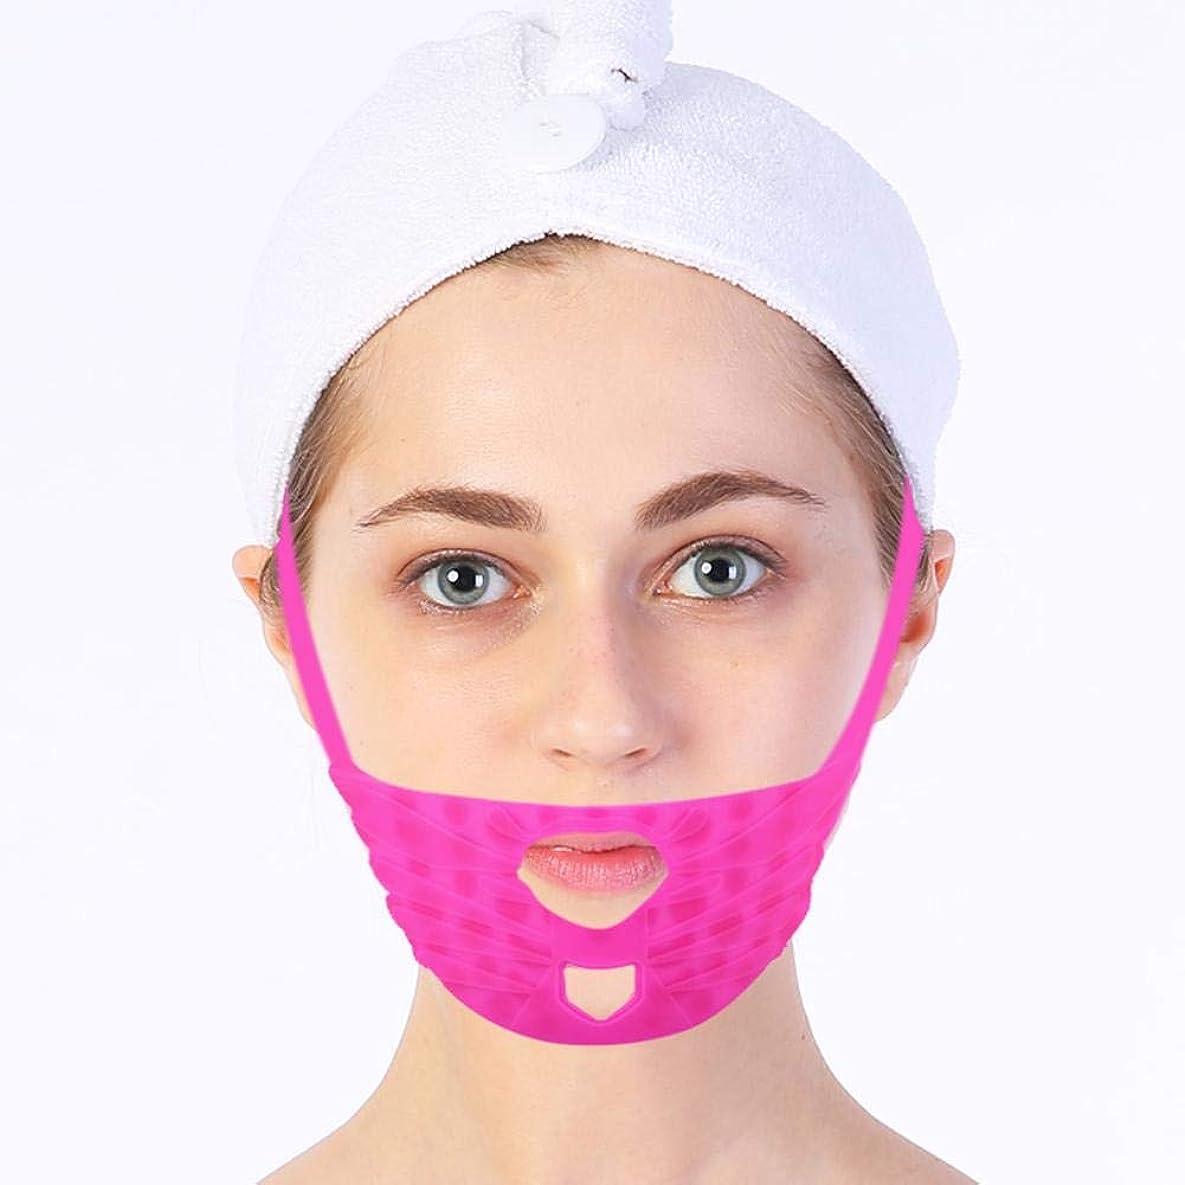 ワイプニッケルスプーンSemmeフェイシャルリフティング引き締め痩身マスク、マッサージフェイスシリコン包帯Vラインマスク首の圧縮二重あご、変更ダブルチェーンマスク引き締まった肌を減らす